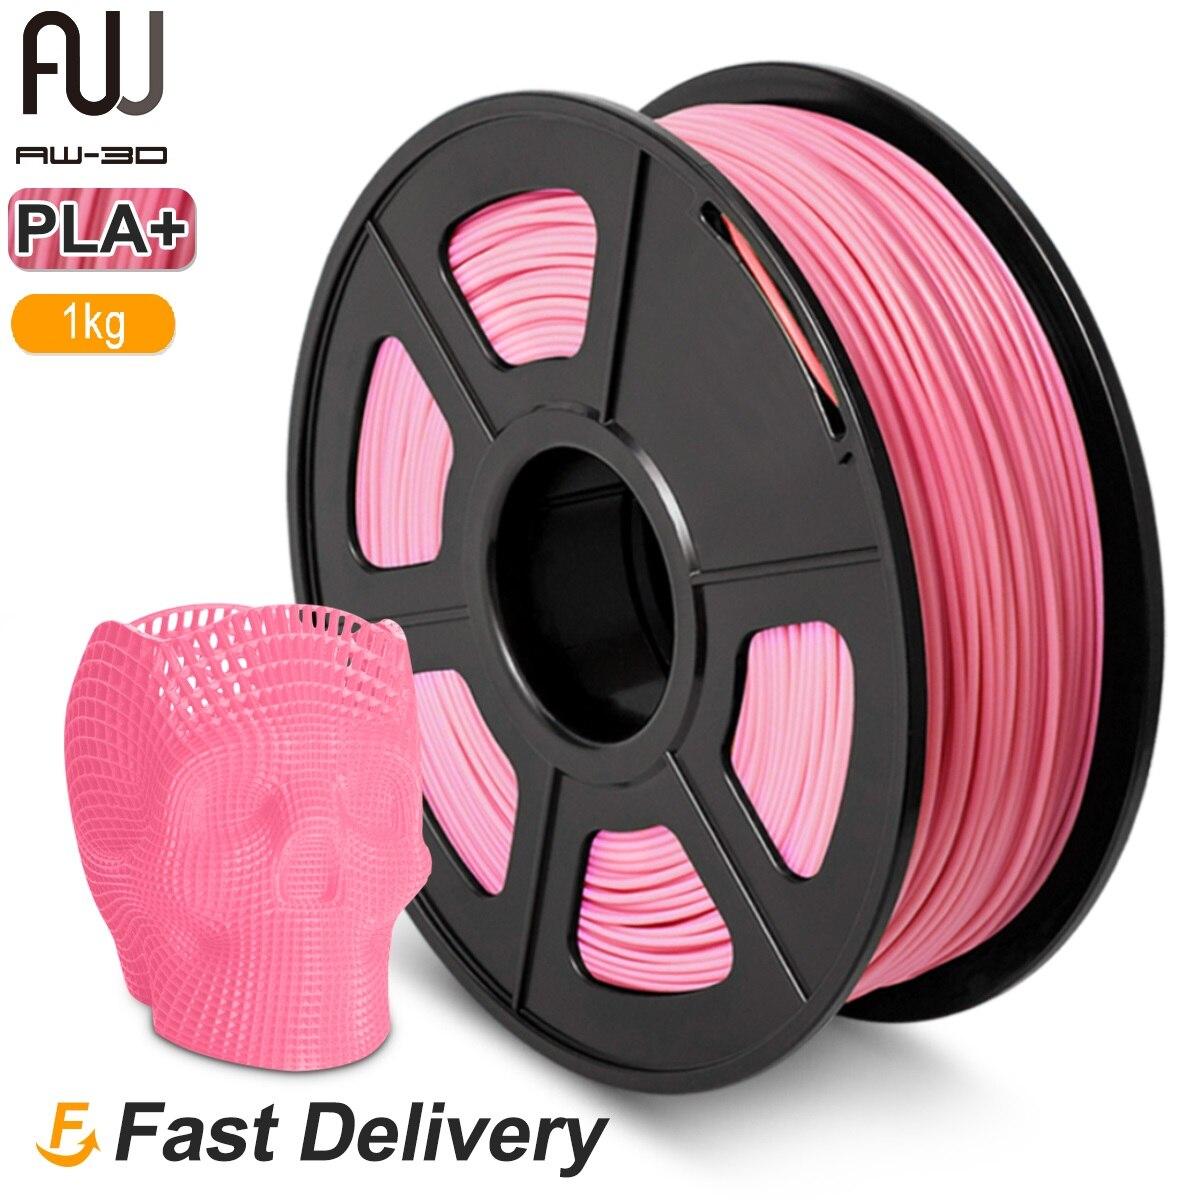 AW 3D PLA Plus-خيوط طابعة ثلاثية الأبعاد ، 1.75 مللي متر ، 1 كجم ، تحمل قطر المواد الاستهلاكية/-0.02 مللي متر مع بكرة غير سامة